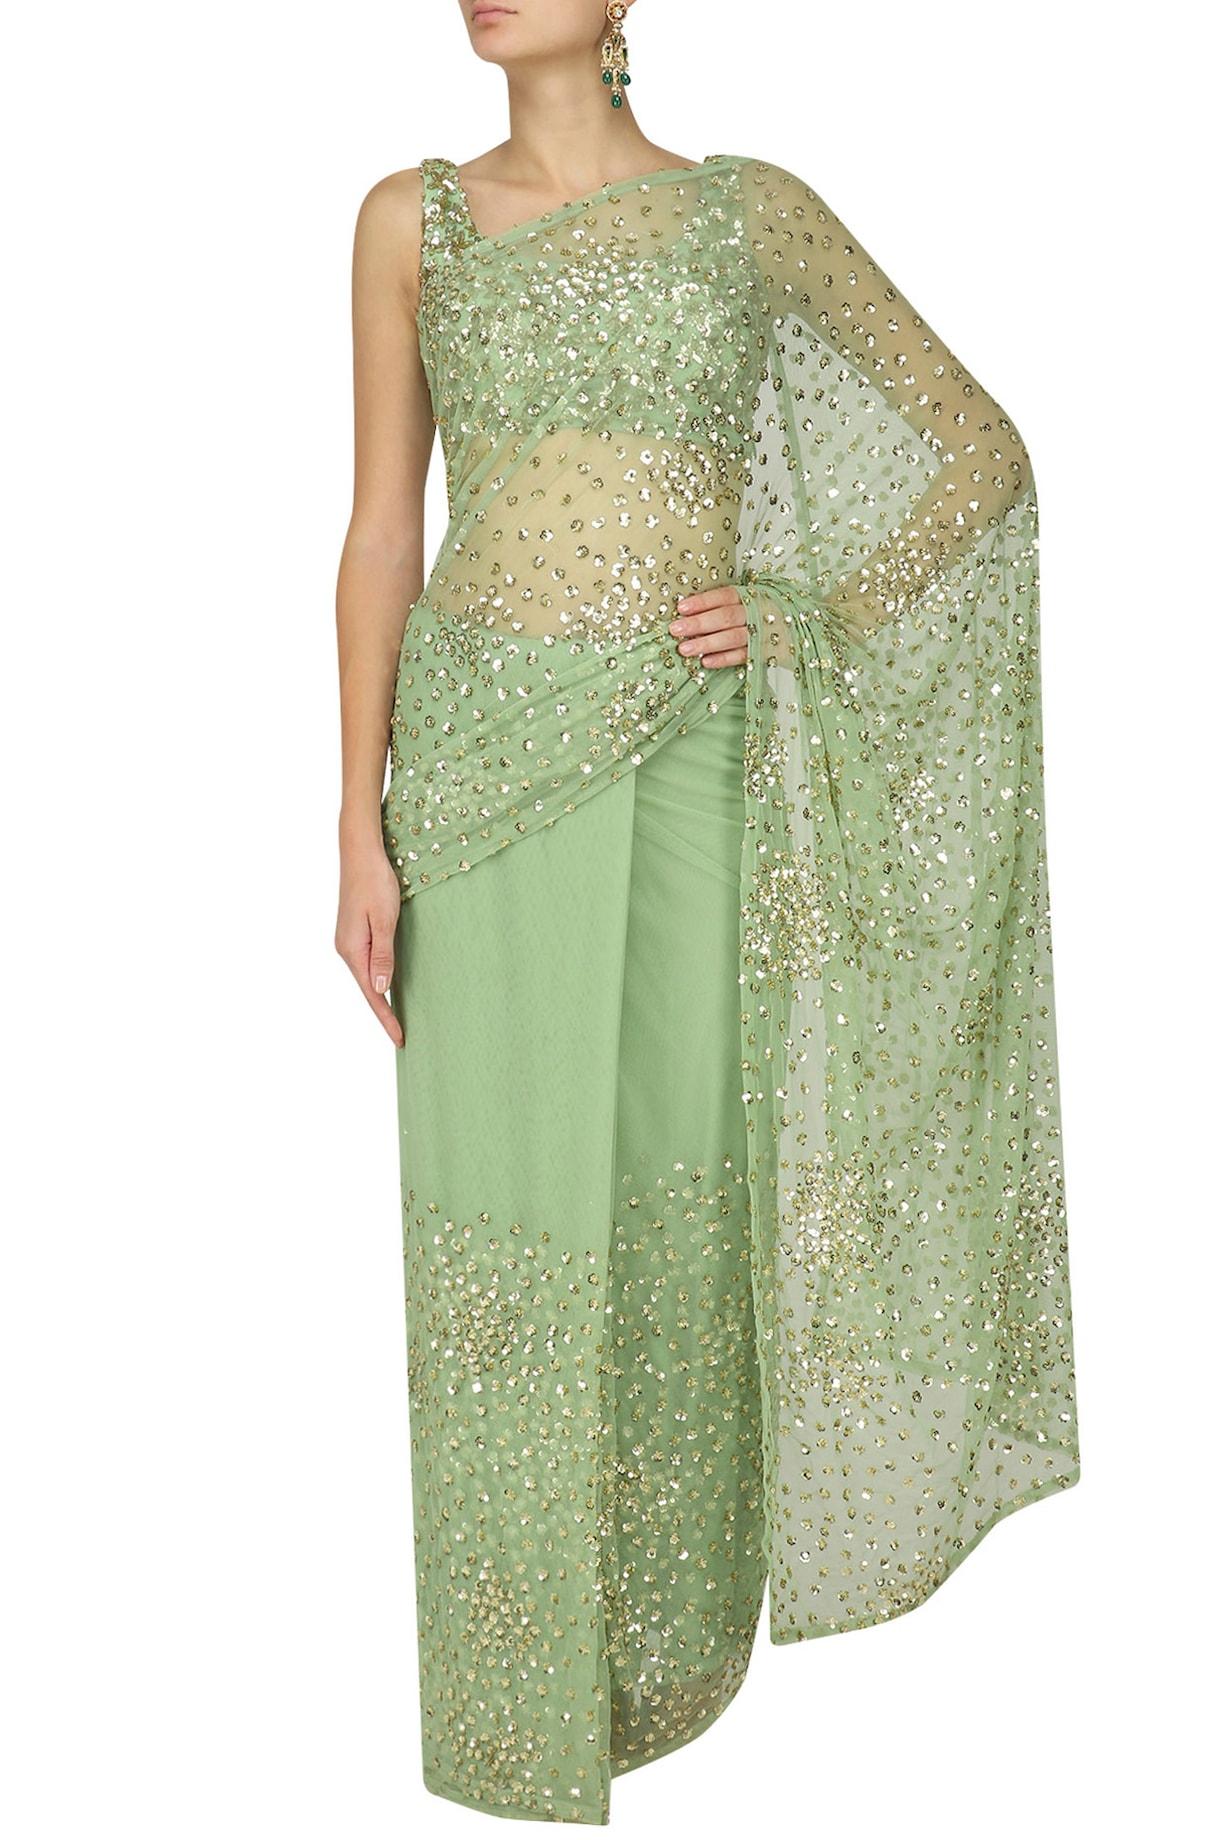 Astha Narang Sarees